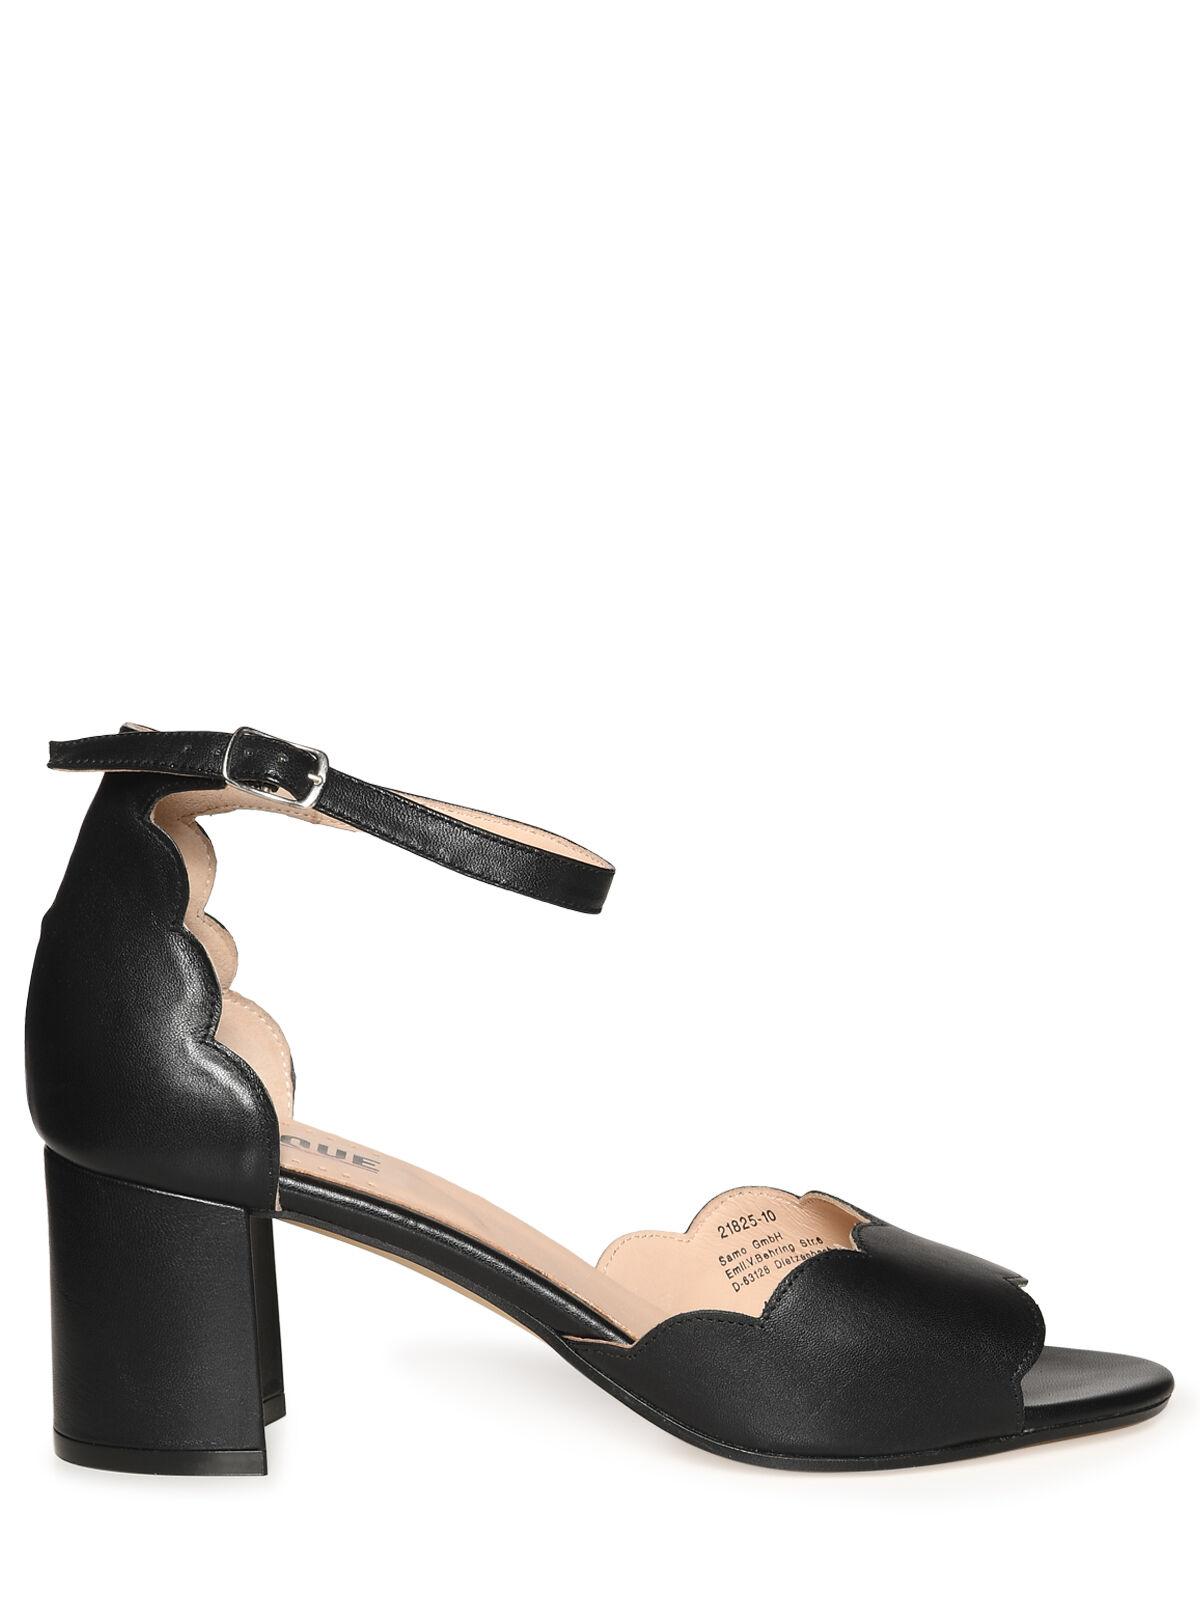 sandalen mit fesselriemchen schwarz